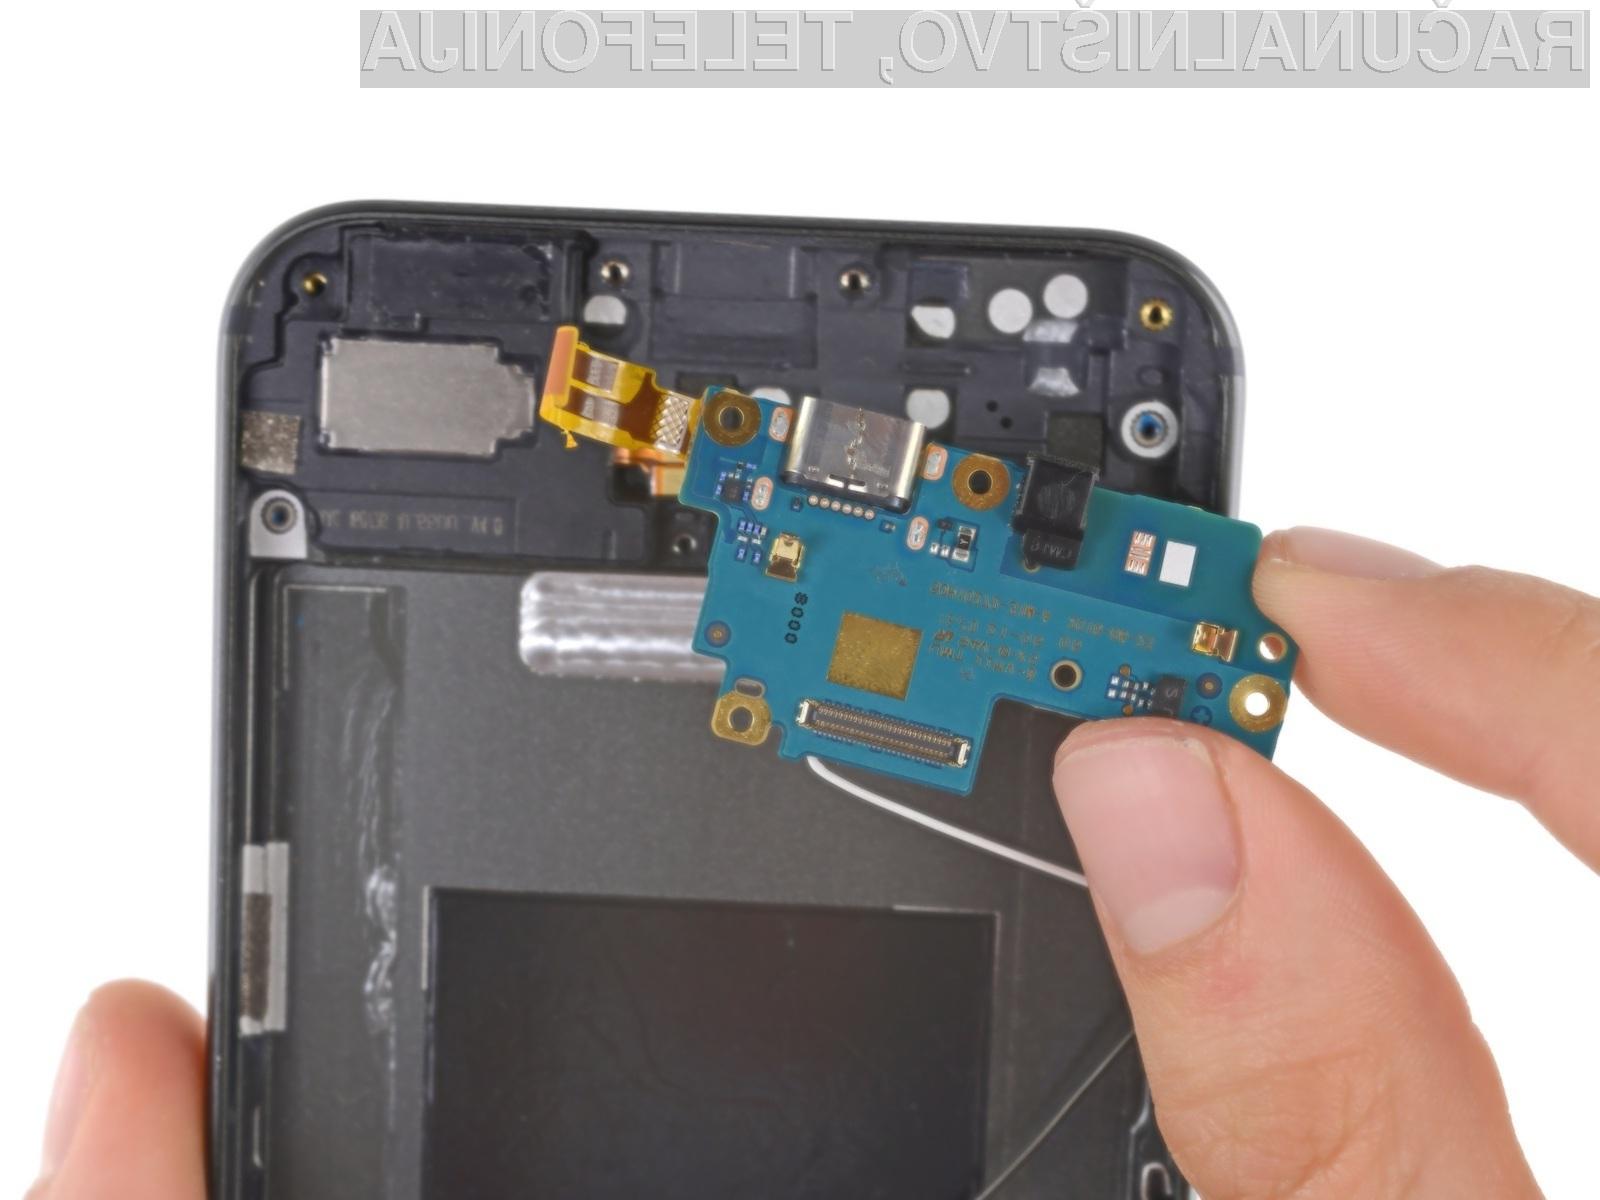 Popolnoma razgaljeni Google Pixel XL. Kaj skriva v notranjosti?